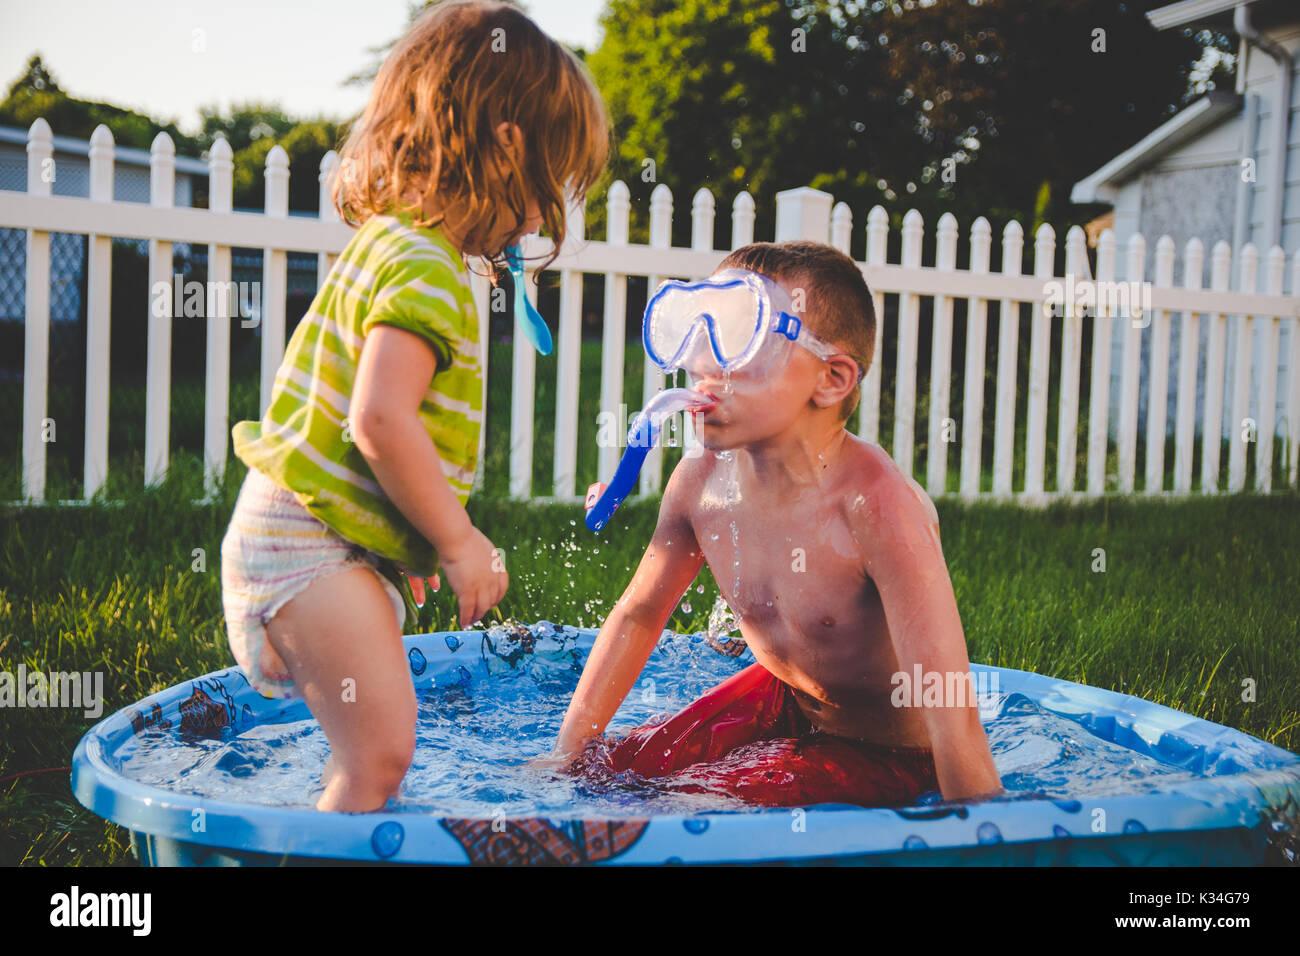 Un garçon portant un masque de plongée ressemble à une petite fille dans une piscine enfants Photo Stock